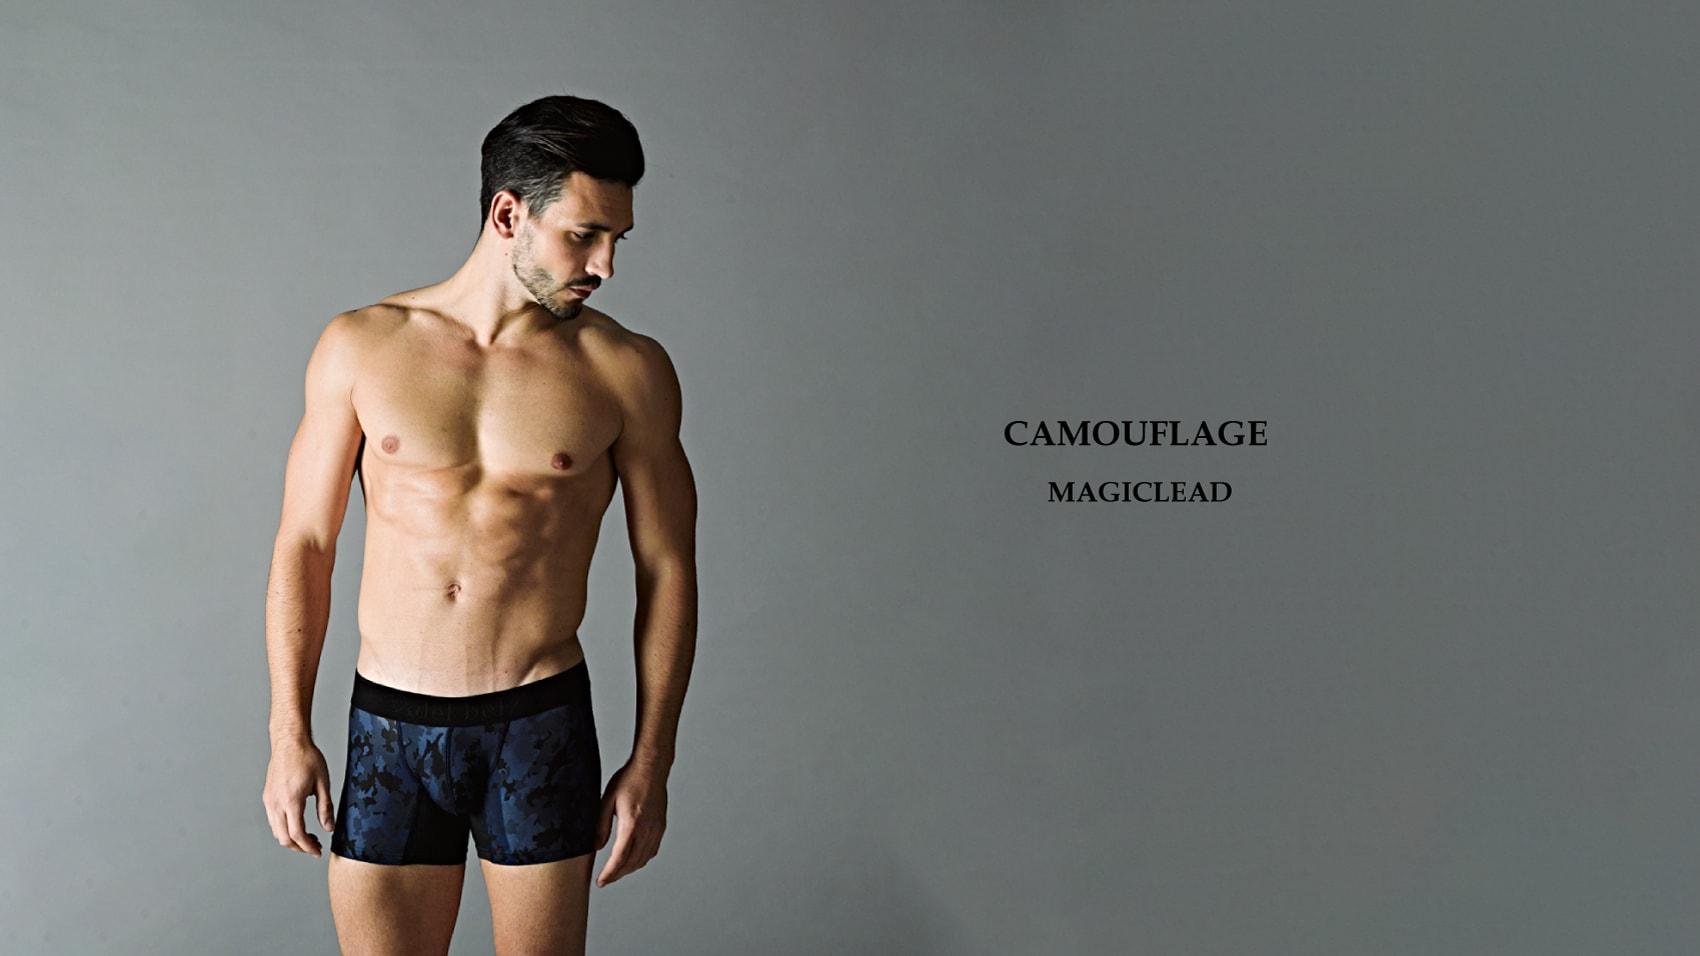 ボクサーパンツ メンズ 高級 ブランド CAMOUFLAGE (B)|日本製男性下着、Adelbelz(アデルベルツ)公式通販